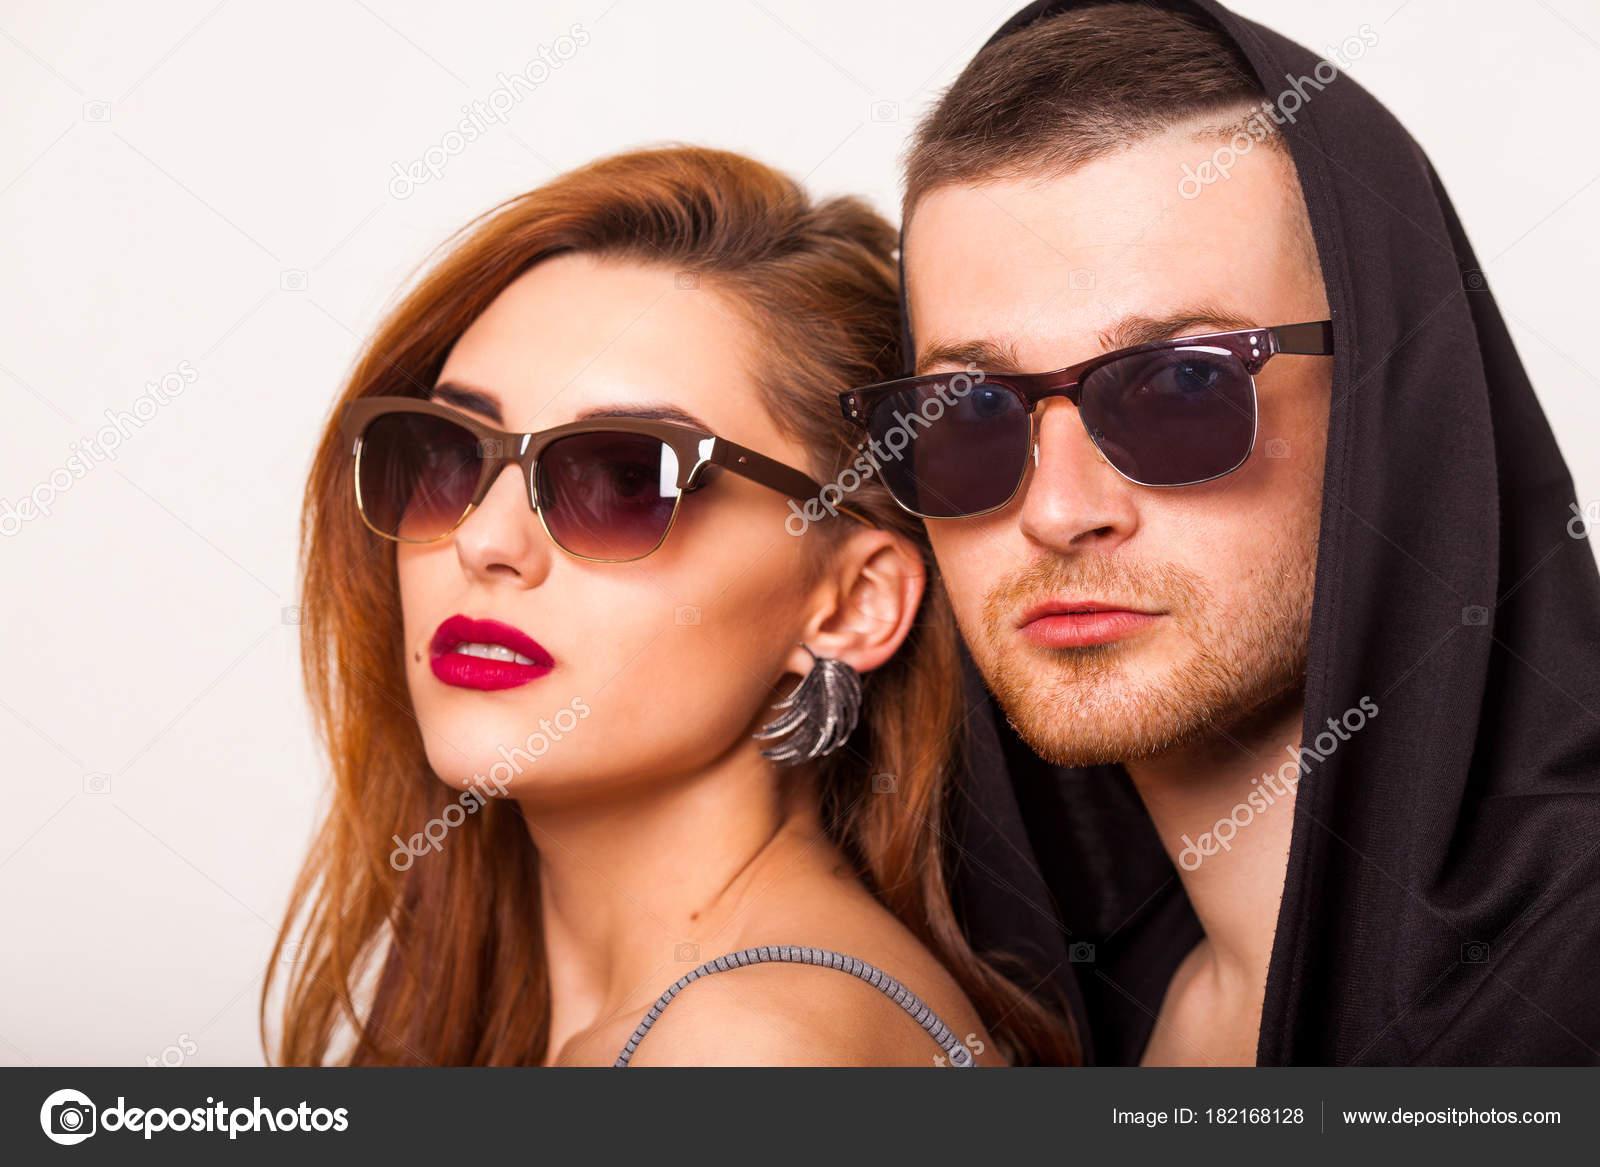 aaca6d1eb8521 Casal Lindo Moda Com Óculos Sol Fundo Branco Estilo Moda — Fotografia de  Stock